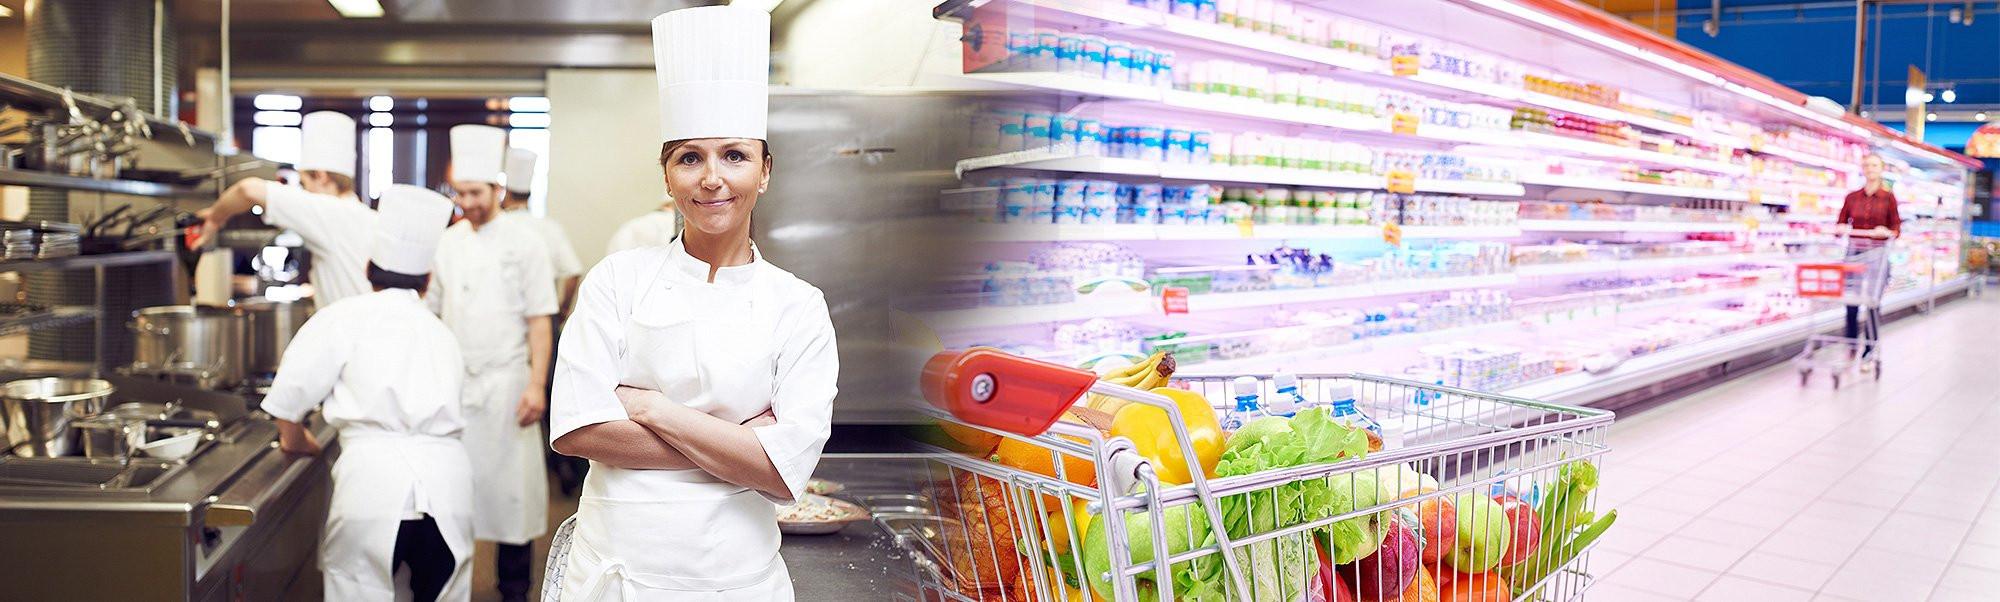 WSZECHSTRONNOŚĆ Obsługujemy rynek gastronomiczny i detaliczny